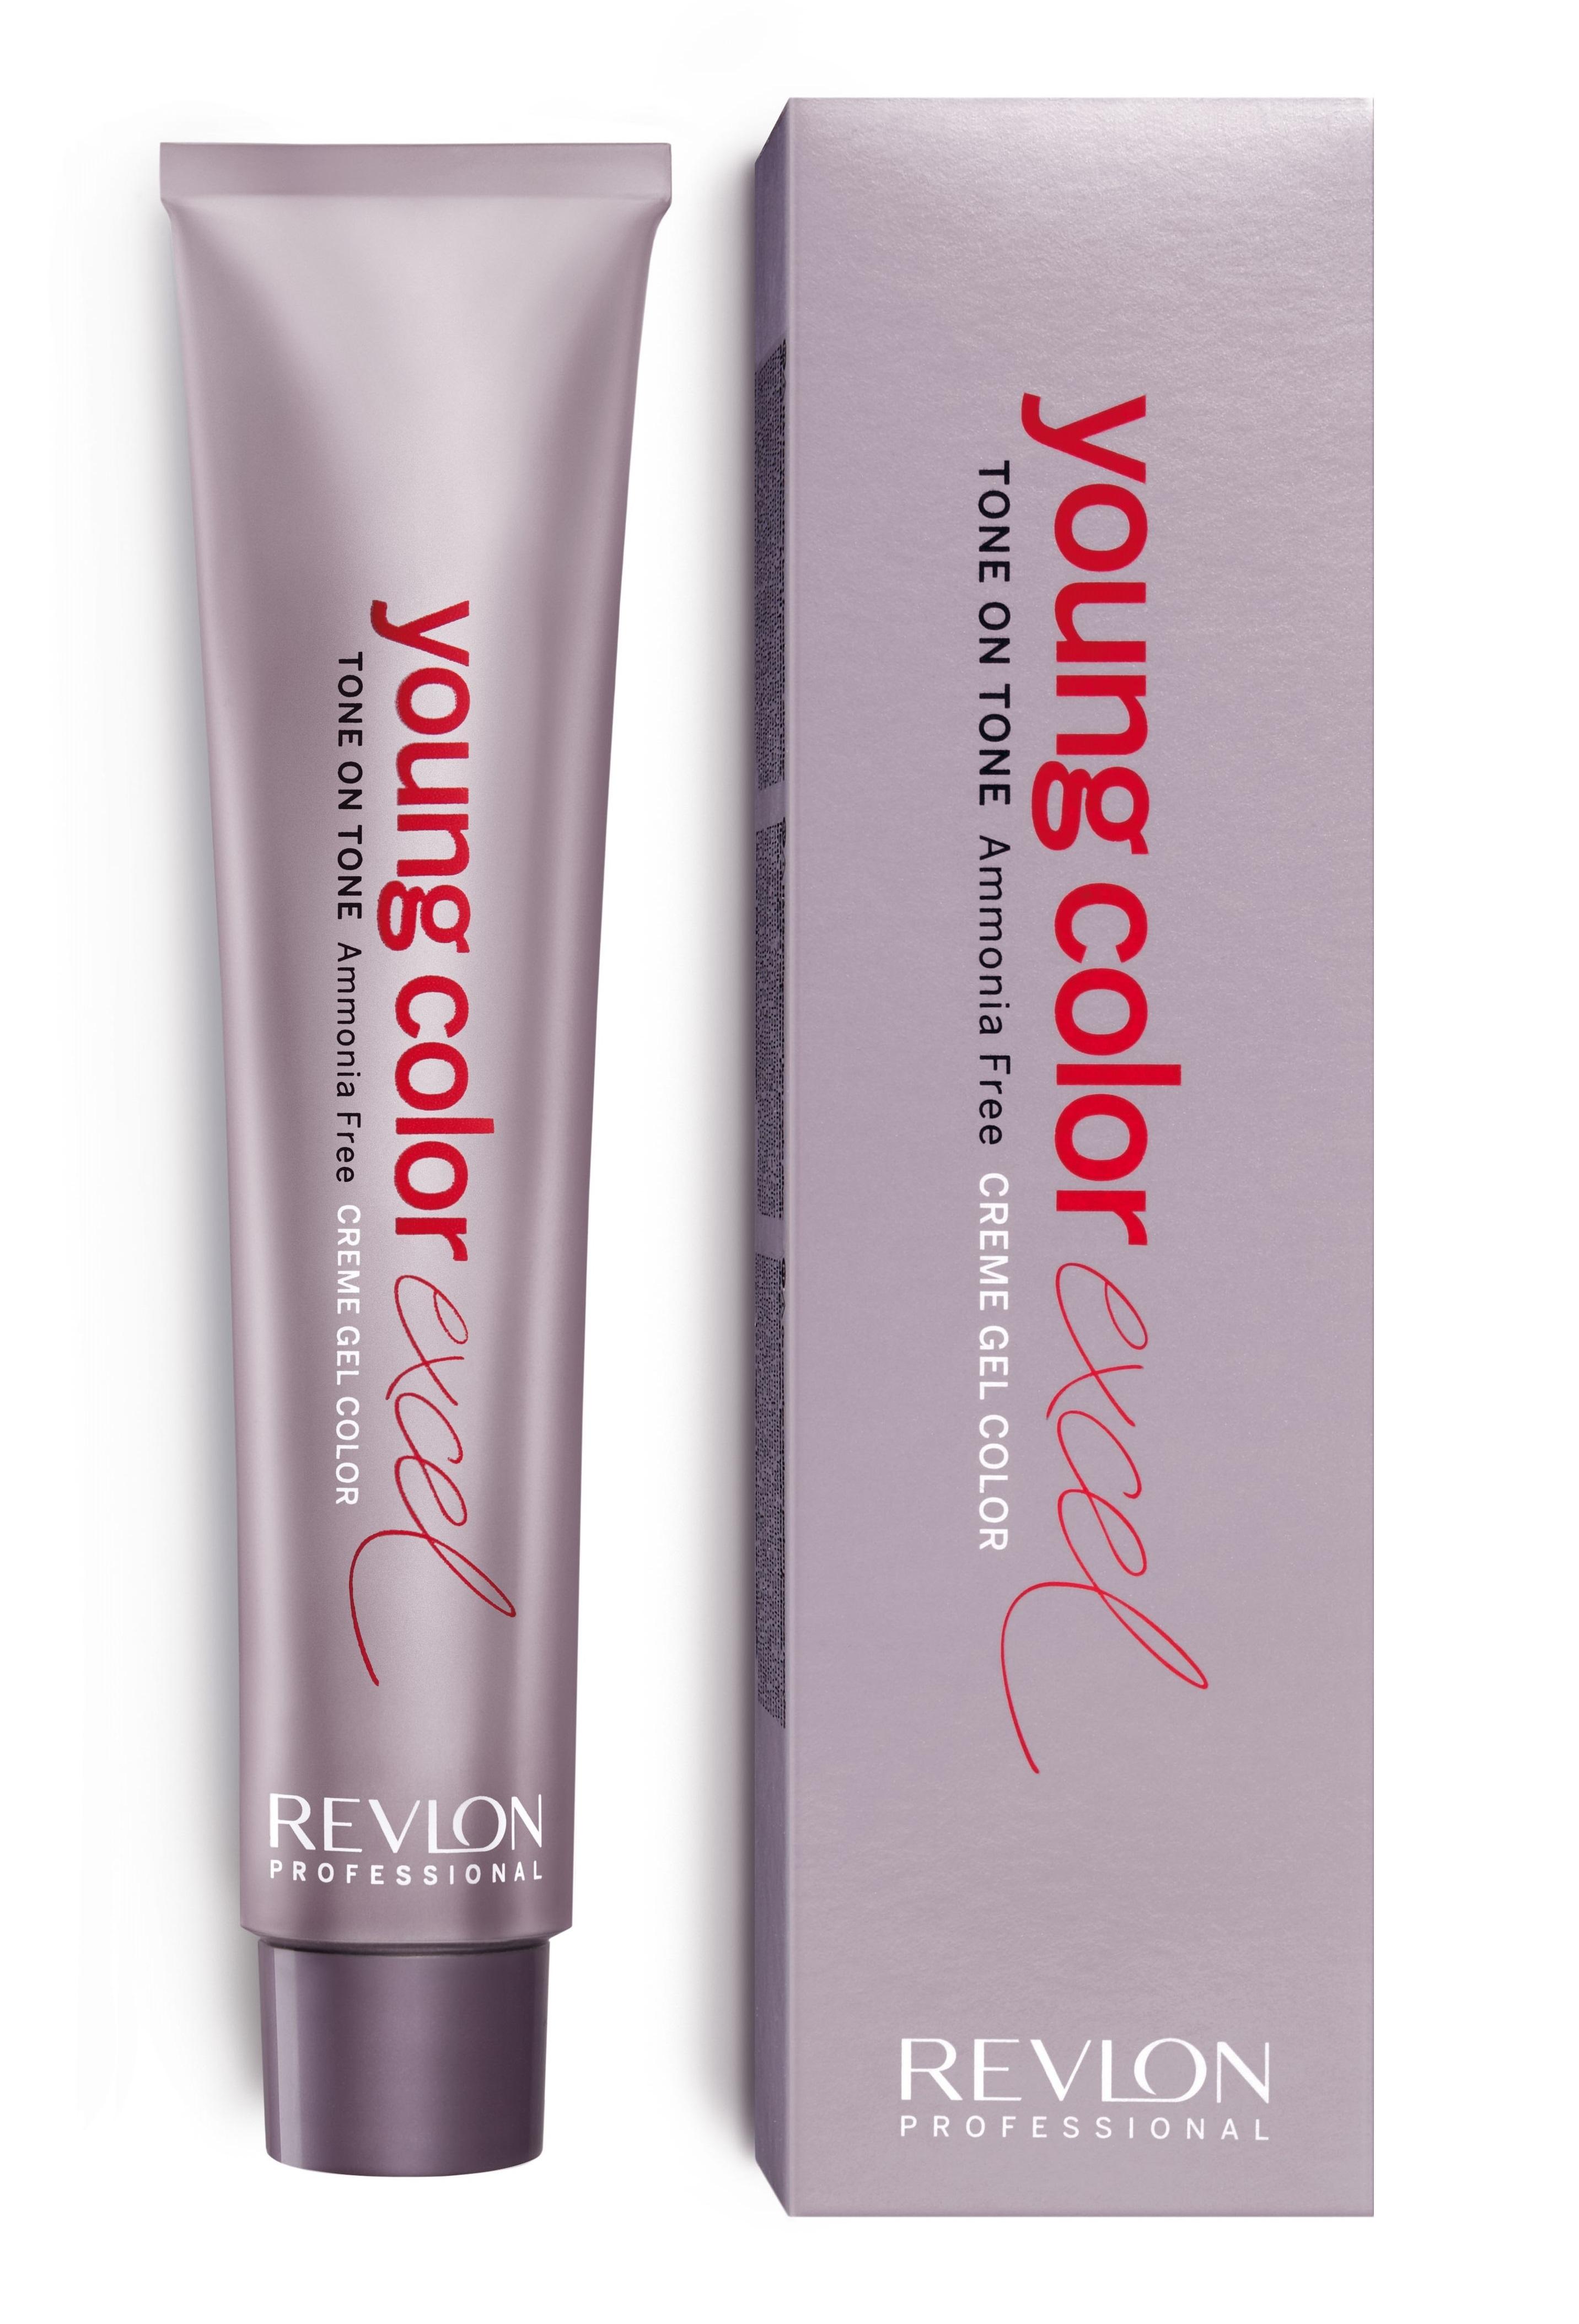 REVLON Professional 8-30 крем-гель полуперманентный, интенсивный золотой / YOUNG COLOR EXCEL 70 мл revlon биоактиватор ультра софт 1 8